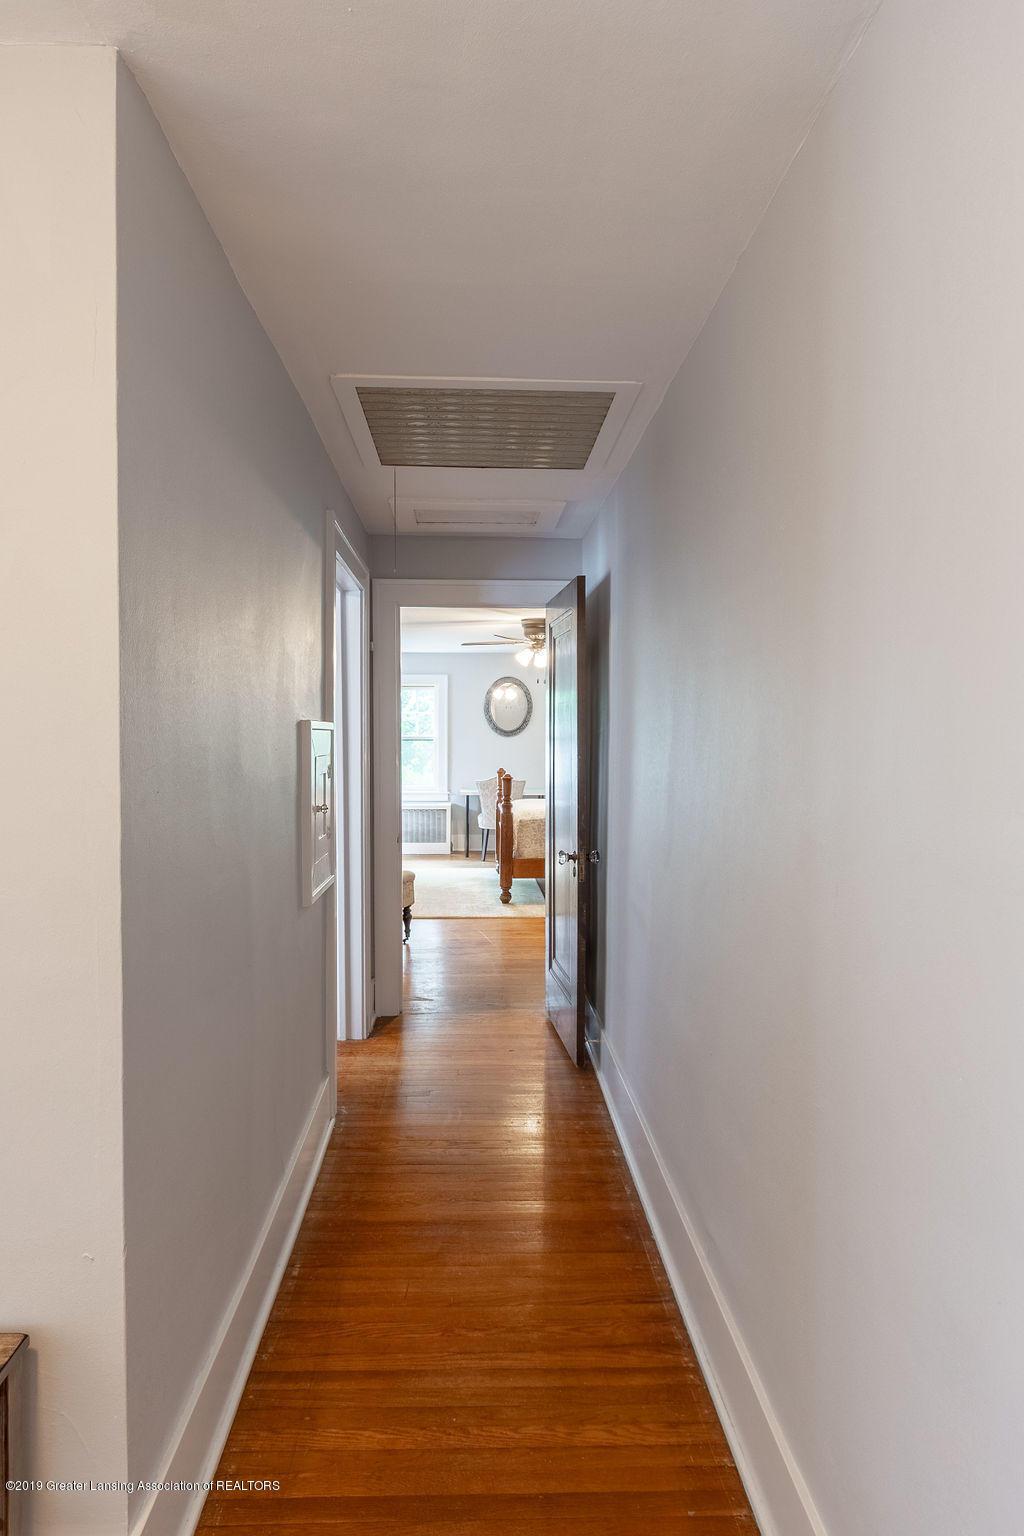 935 Huntington Rd - upstairs interior space - 43